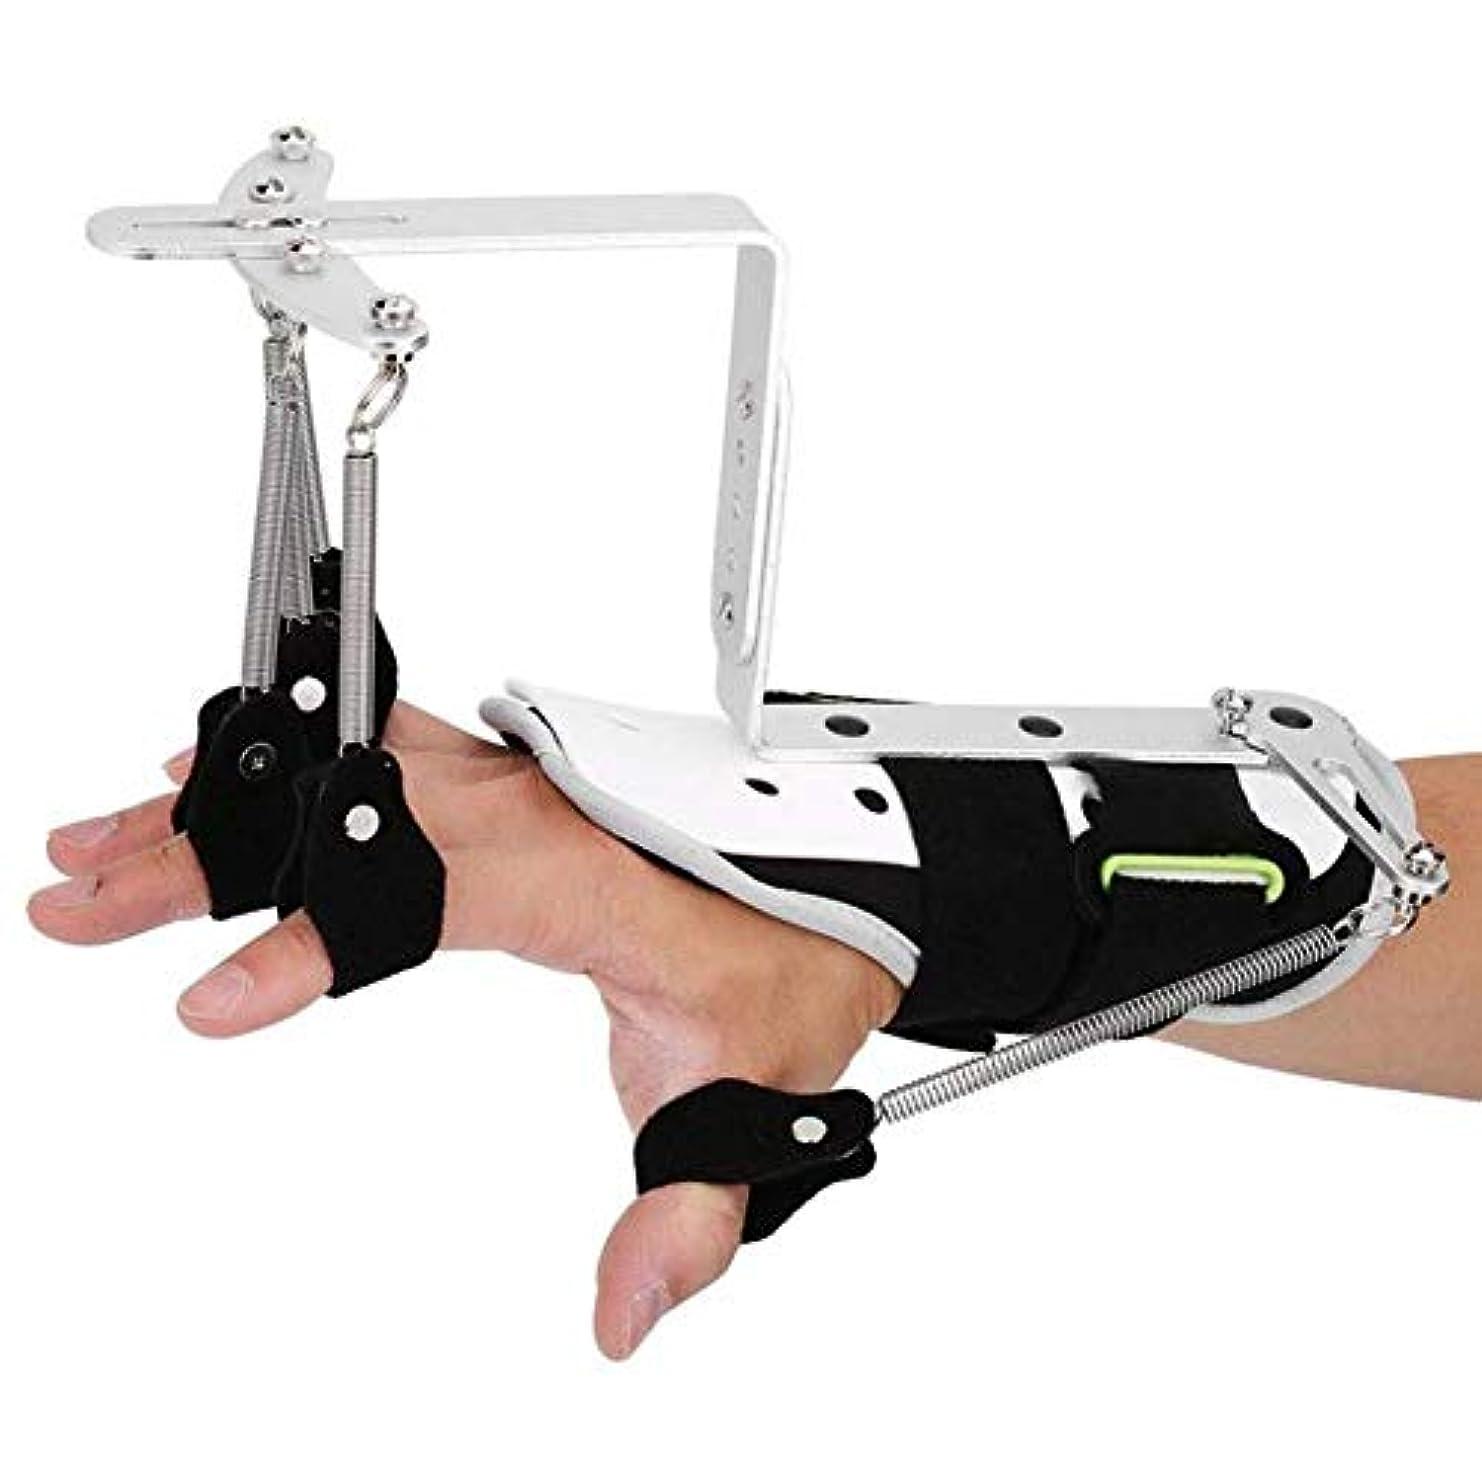 爆弾バットブランド名脳卒中片麻痺患者のための指損傷サポート、指手首関節矯正トレーニングサポート